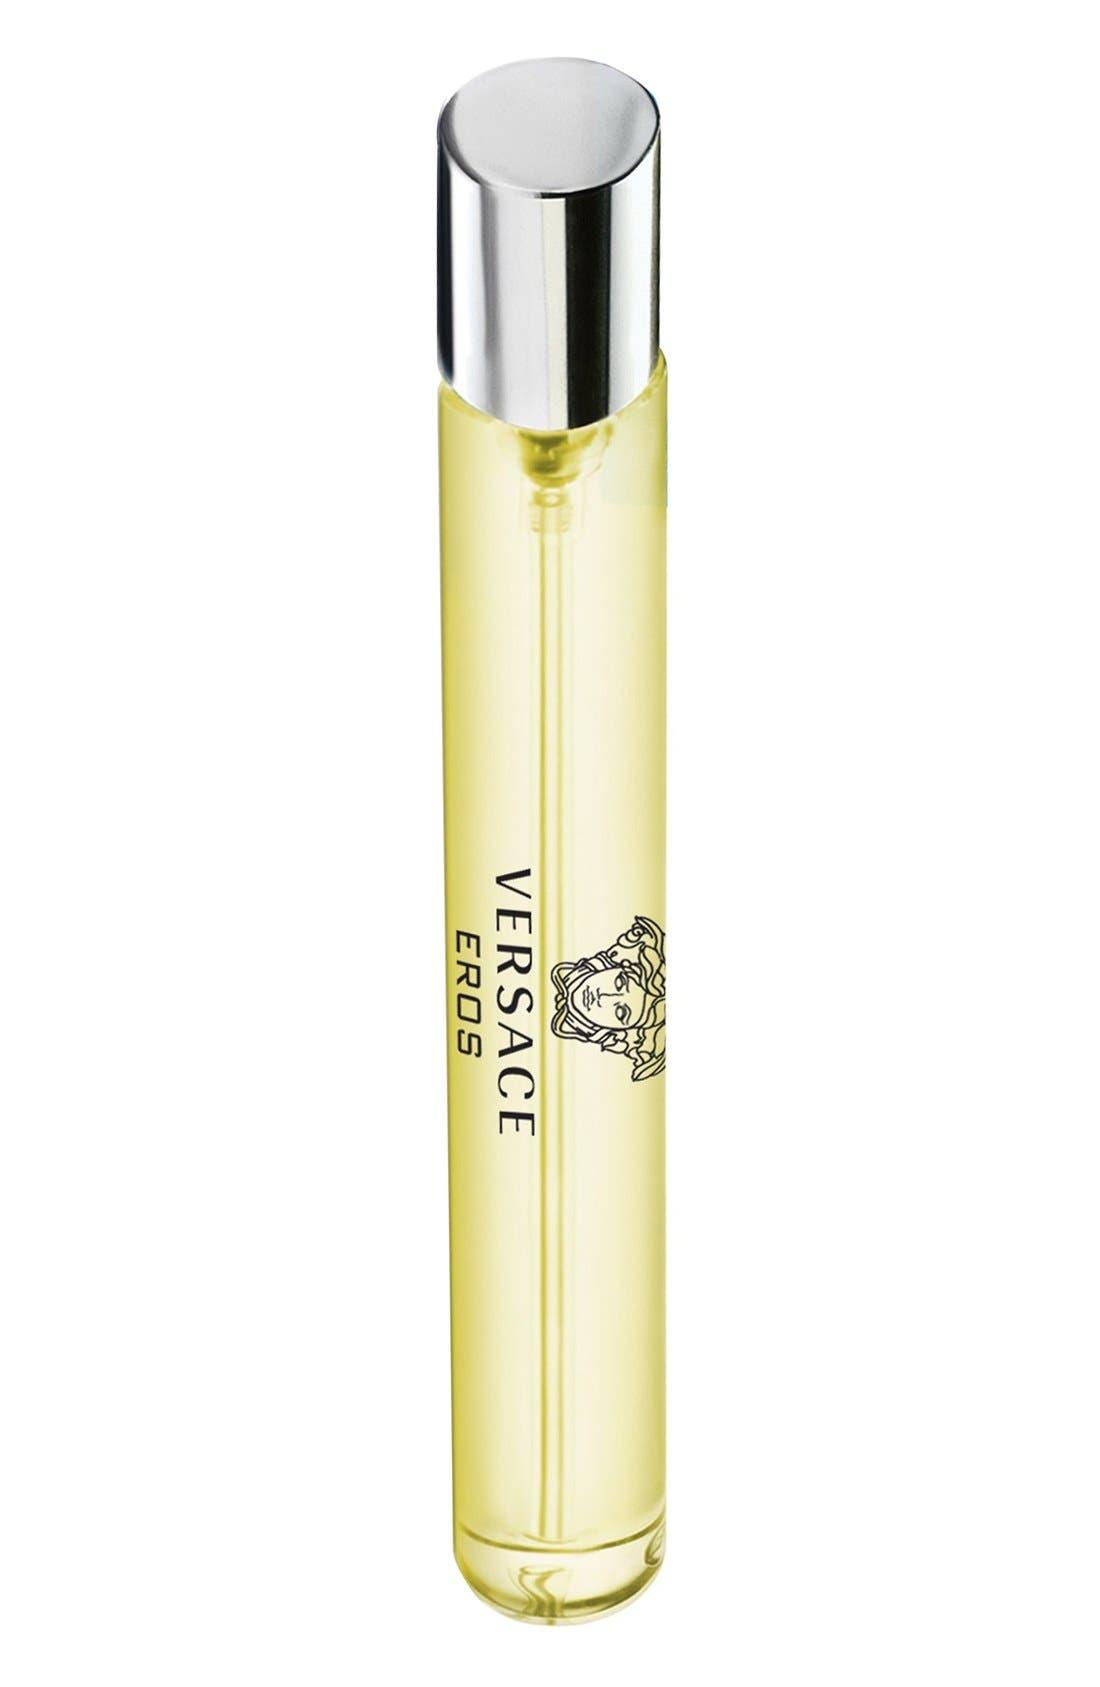 Versace Versace Men's Men's Men's GroomingNordstrom Versace Versace GroomingNordstrom GroomingNordstrom mN8nv0wO